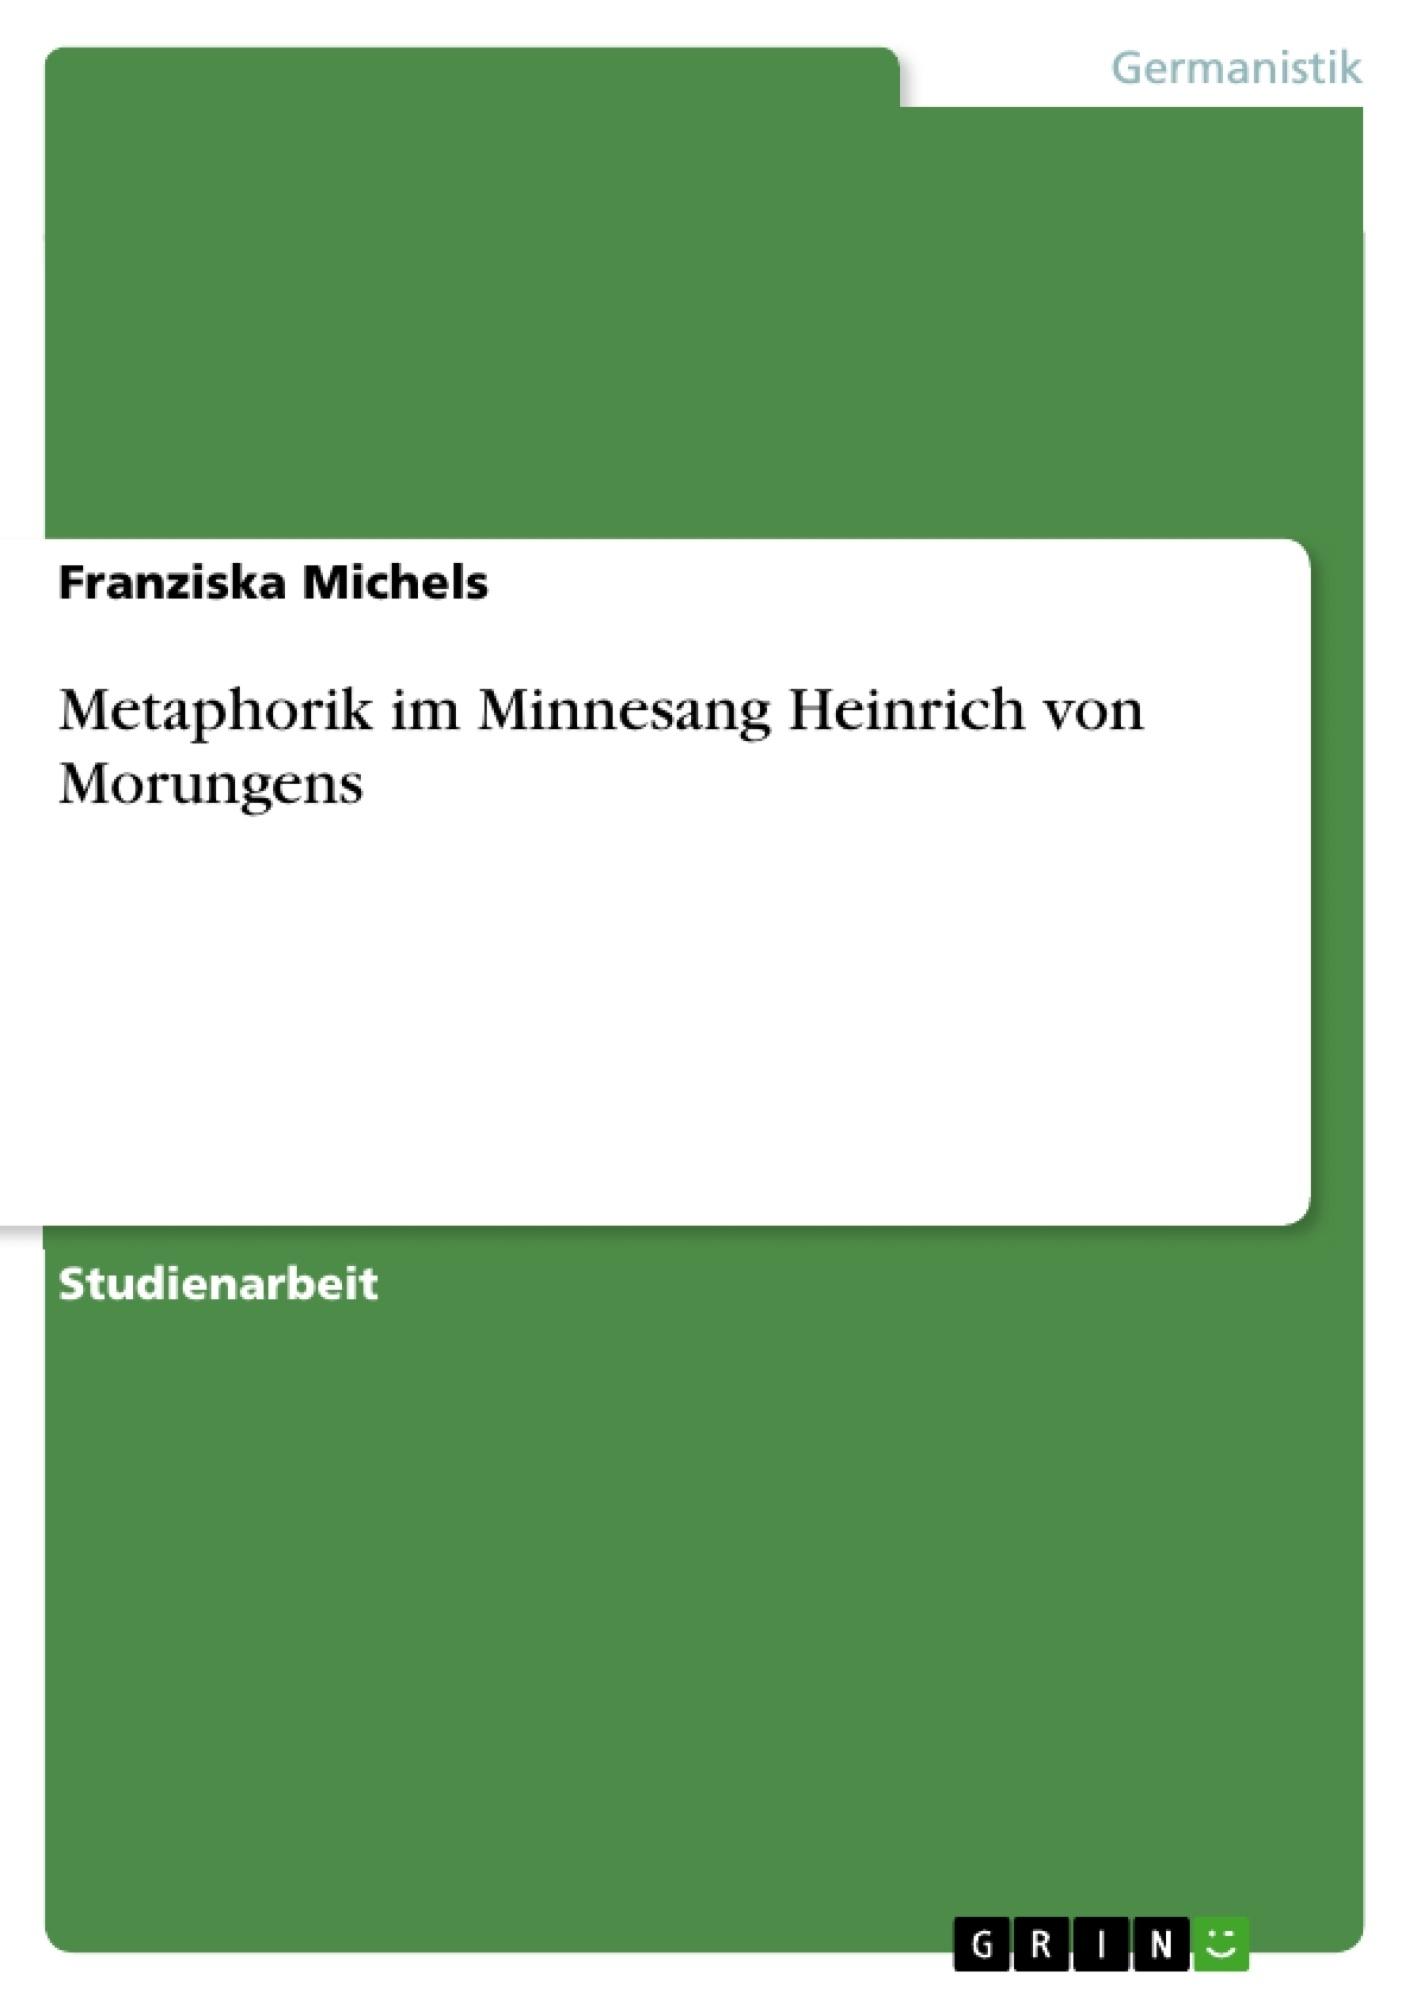 Titel: Metaphorik im Minnesang Heinrich von Morungens